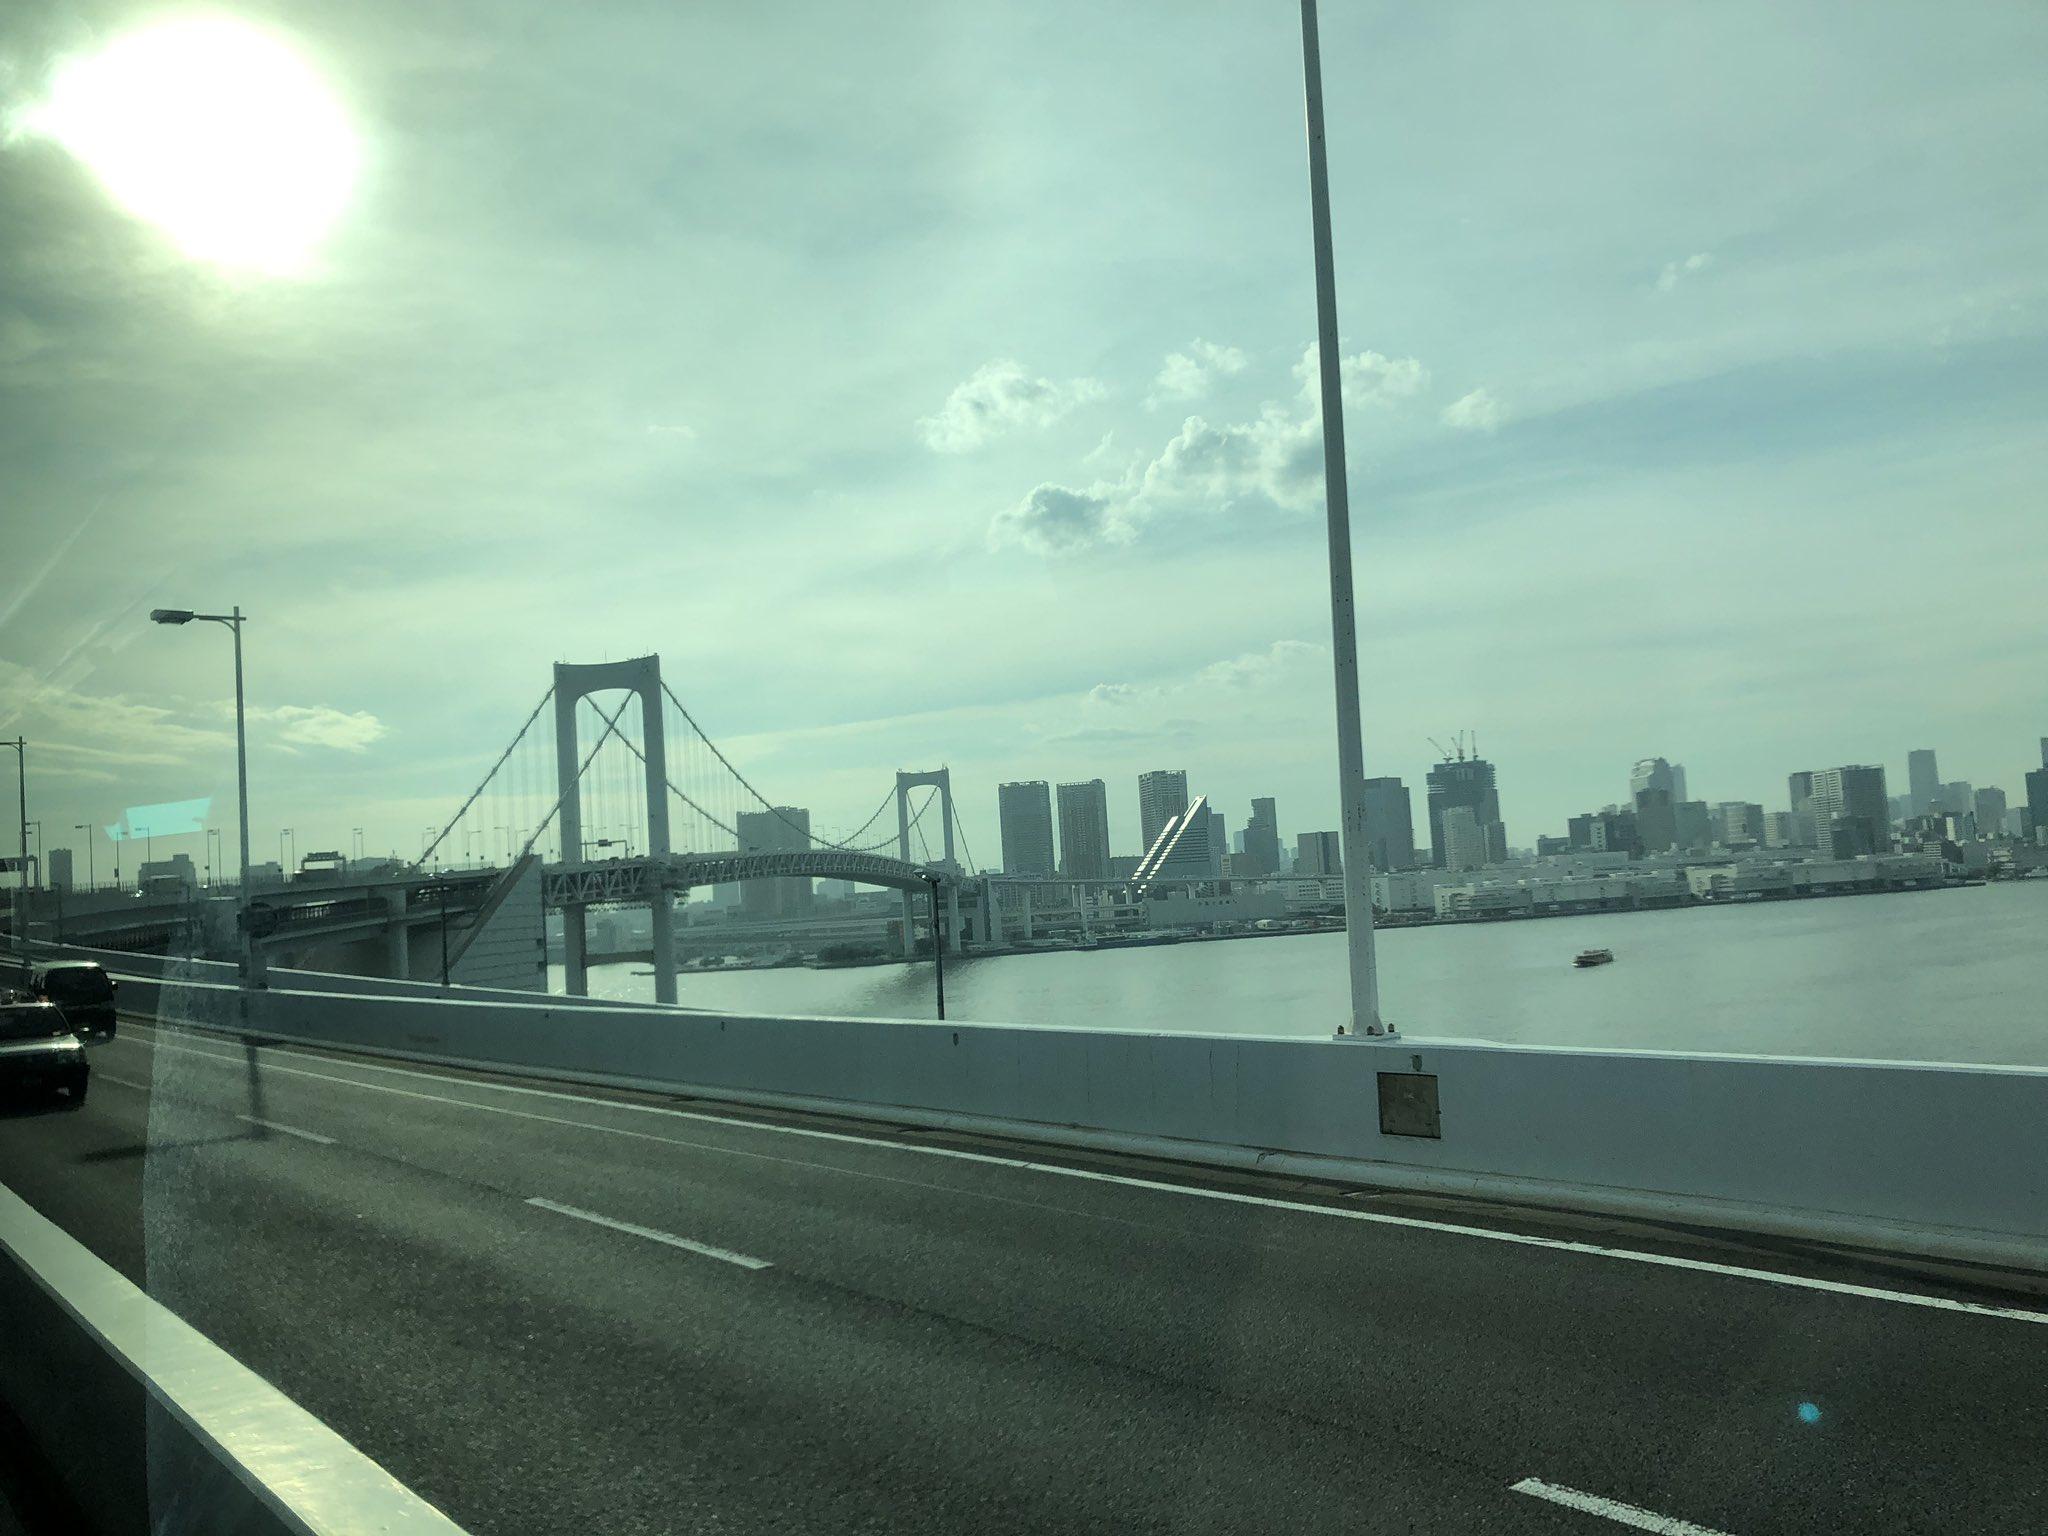 画像,羽田空港駐車場の工事足場が崩れてた😱😱#台風15号#爪跡#無事に東京には着きました#レインボーブリッジは大丈夫 https://t.co/Z1WUOZRki1…